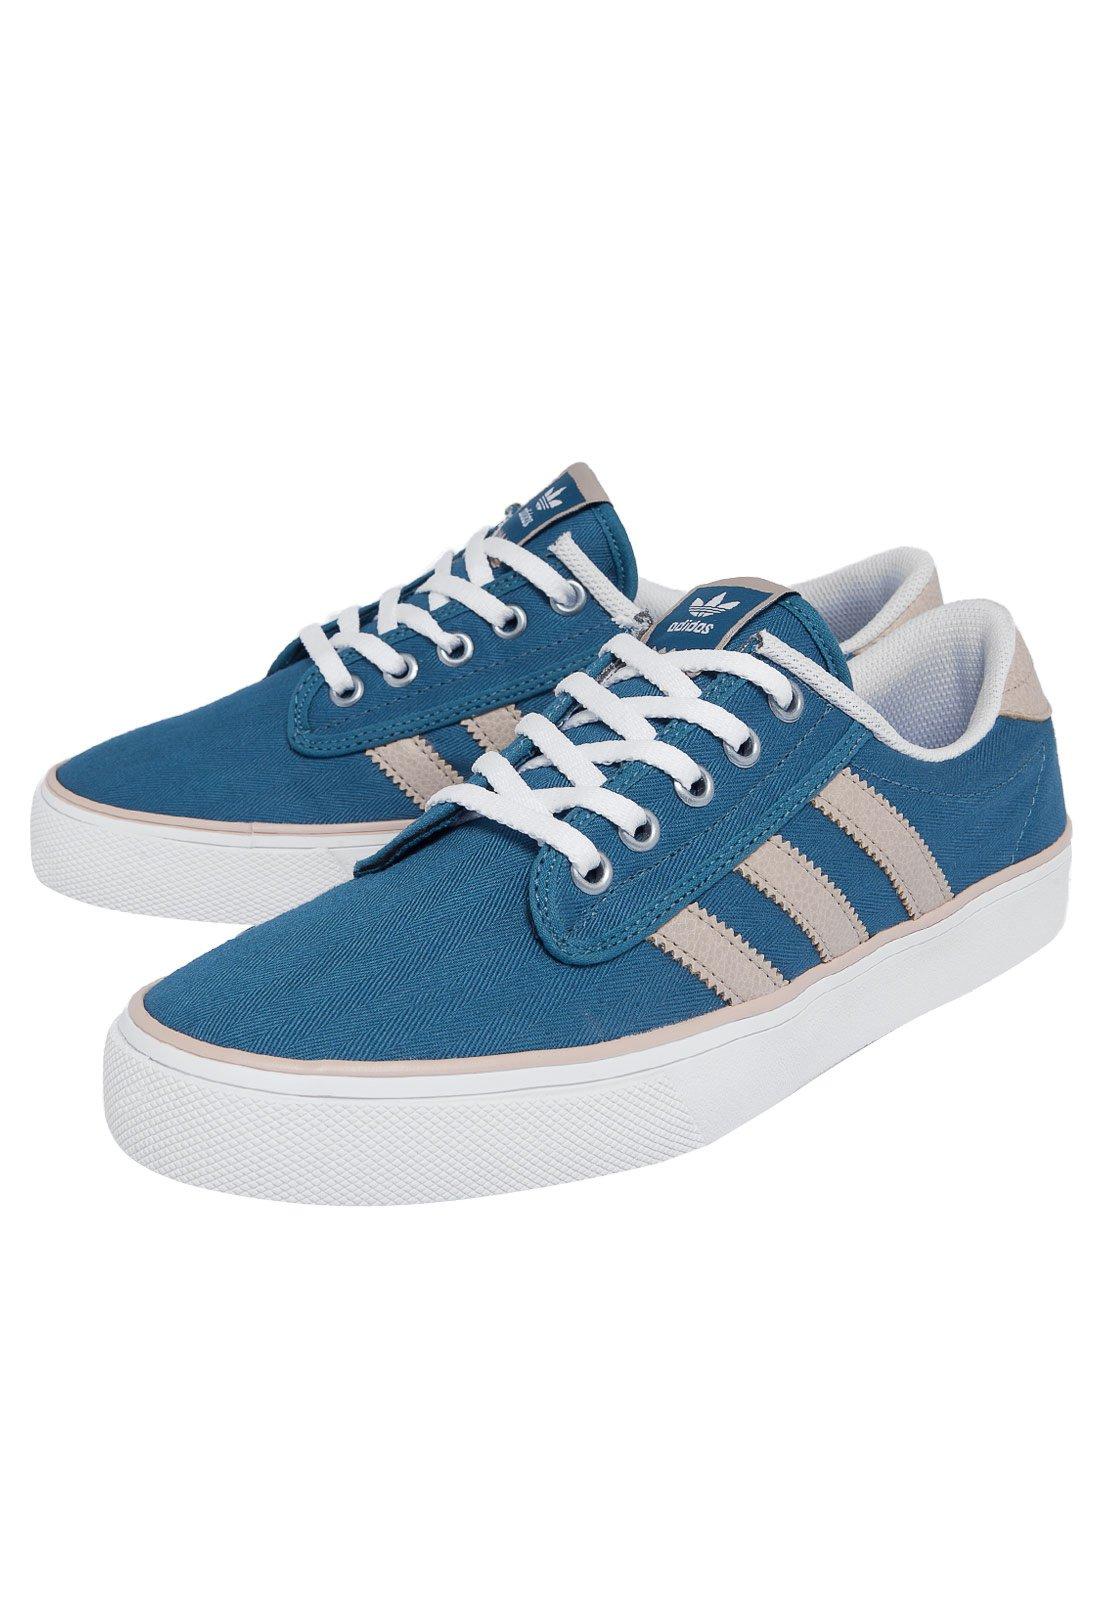 adidas kiel azul